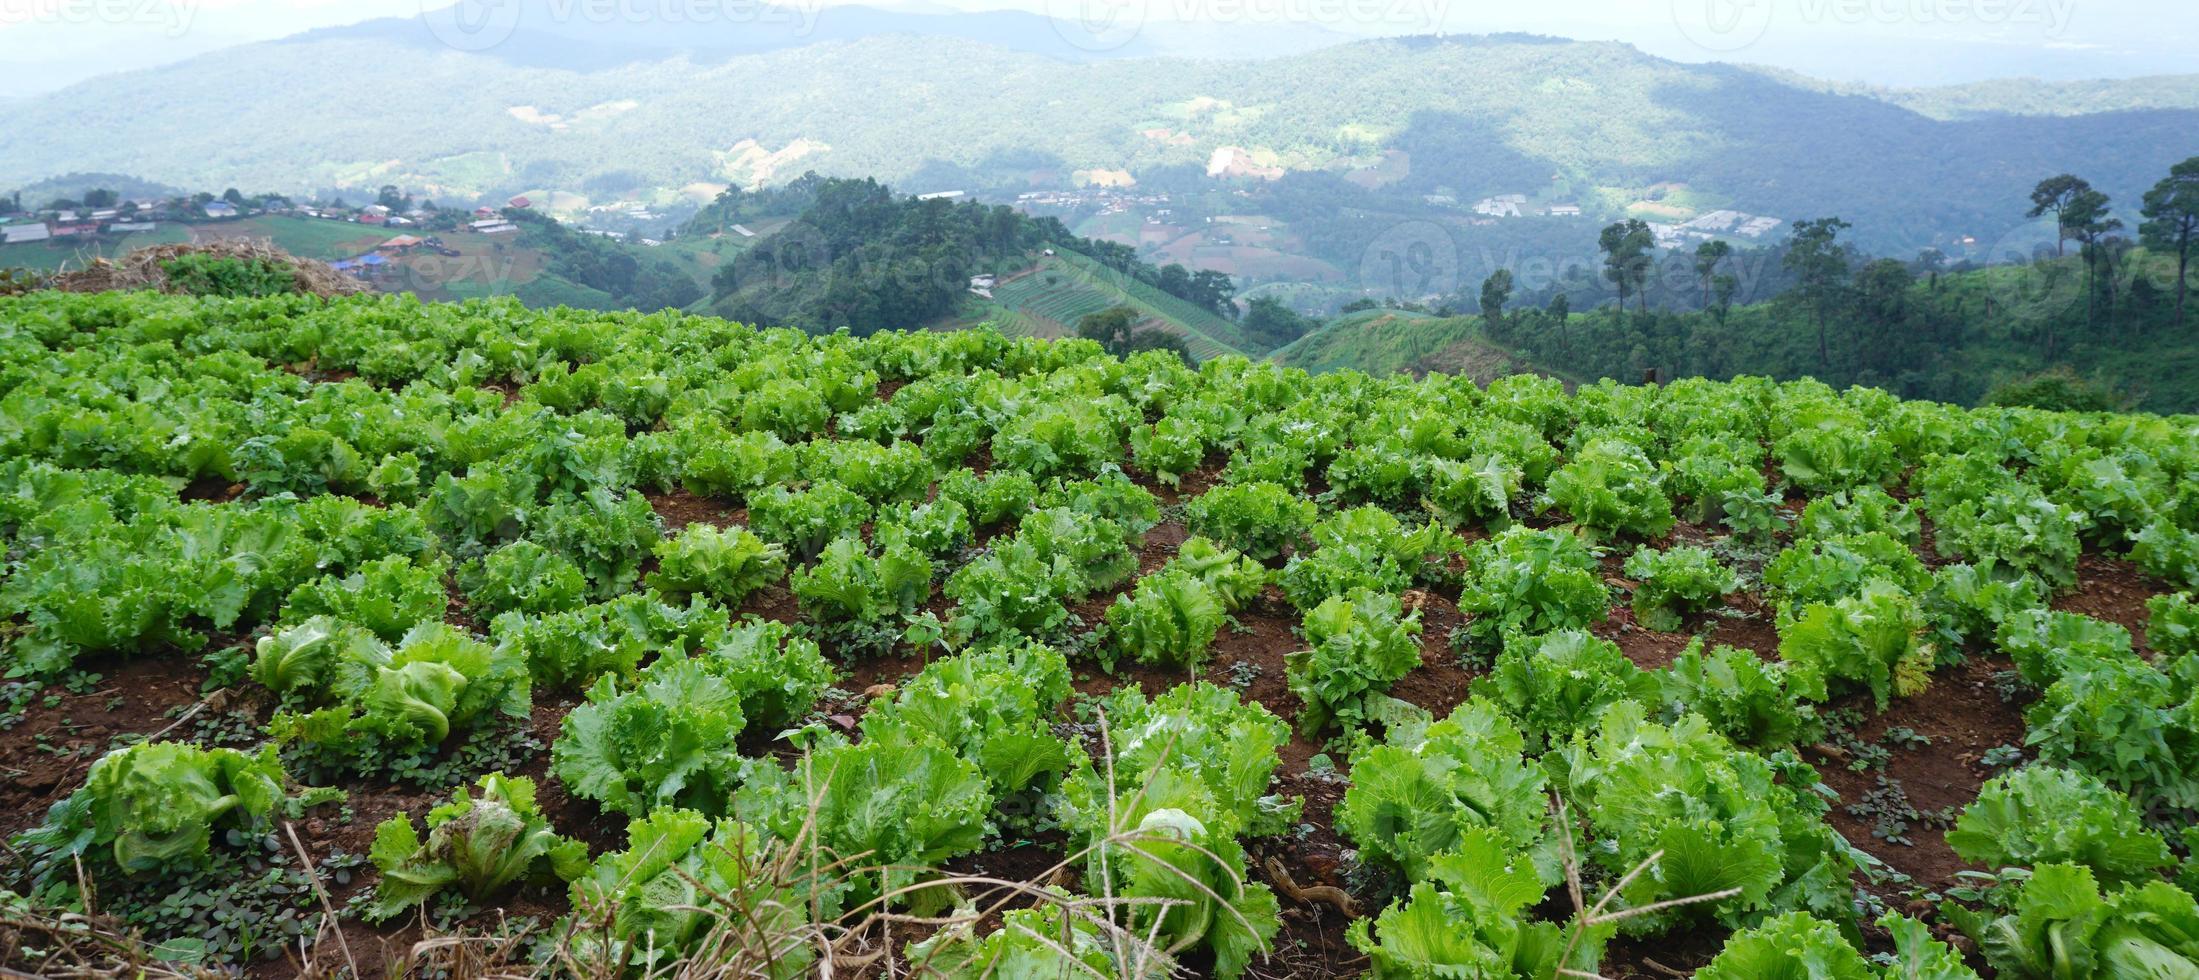 verse groene sla op de grond in de boerderij foto